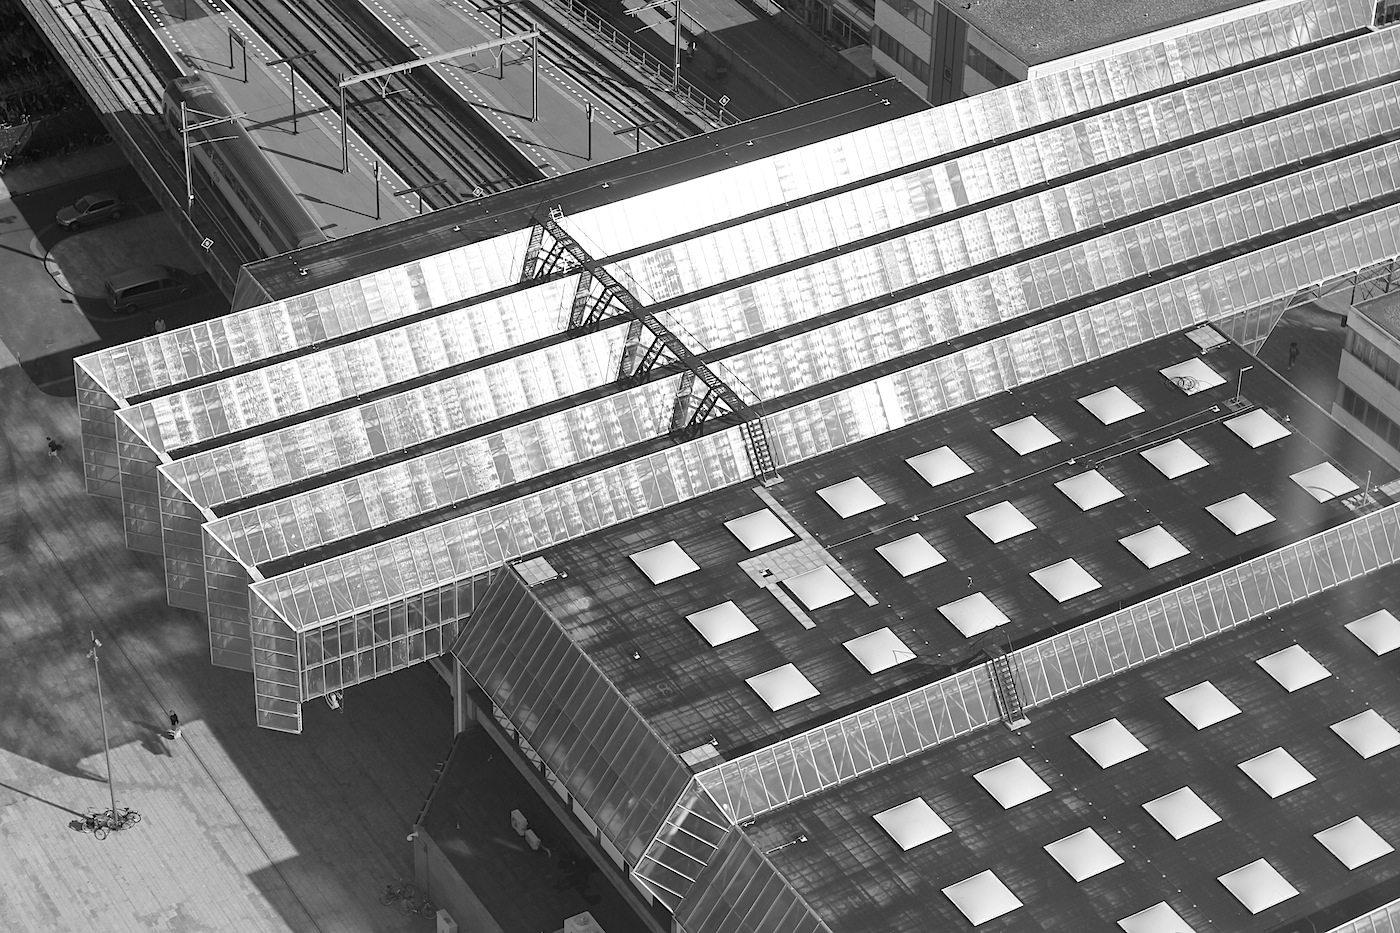 Almere Centrum. Der Hauptbahnhof vom WTC 2-Hochhaus gesehen, dem höchsten Gebäude von Almere.